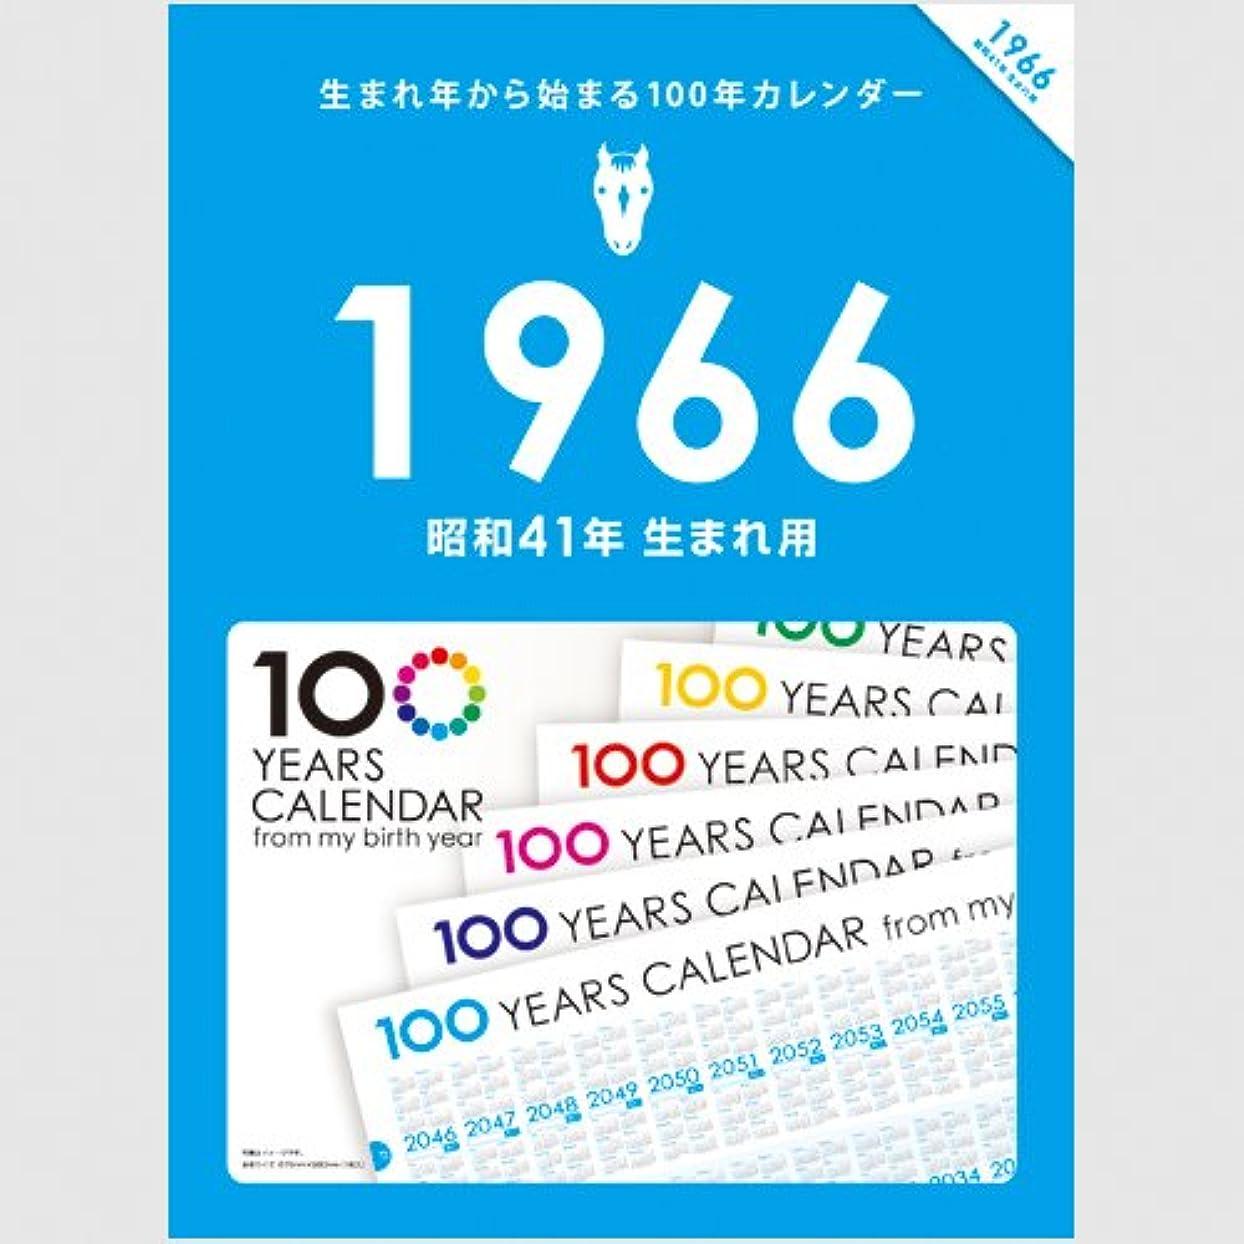 悪い呼びかける深く生まれ年から始まる100年カレンダーシリーズ 1966年生まれ用(昭和41年生まれ用)